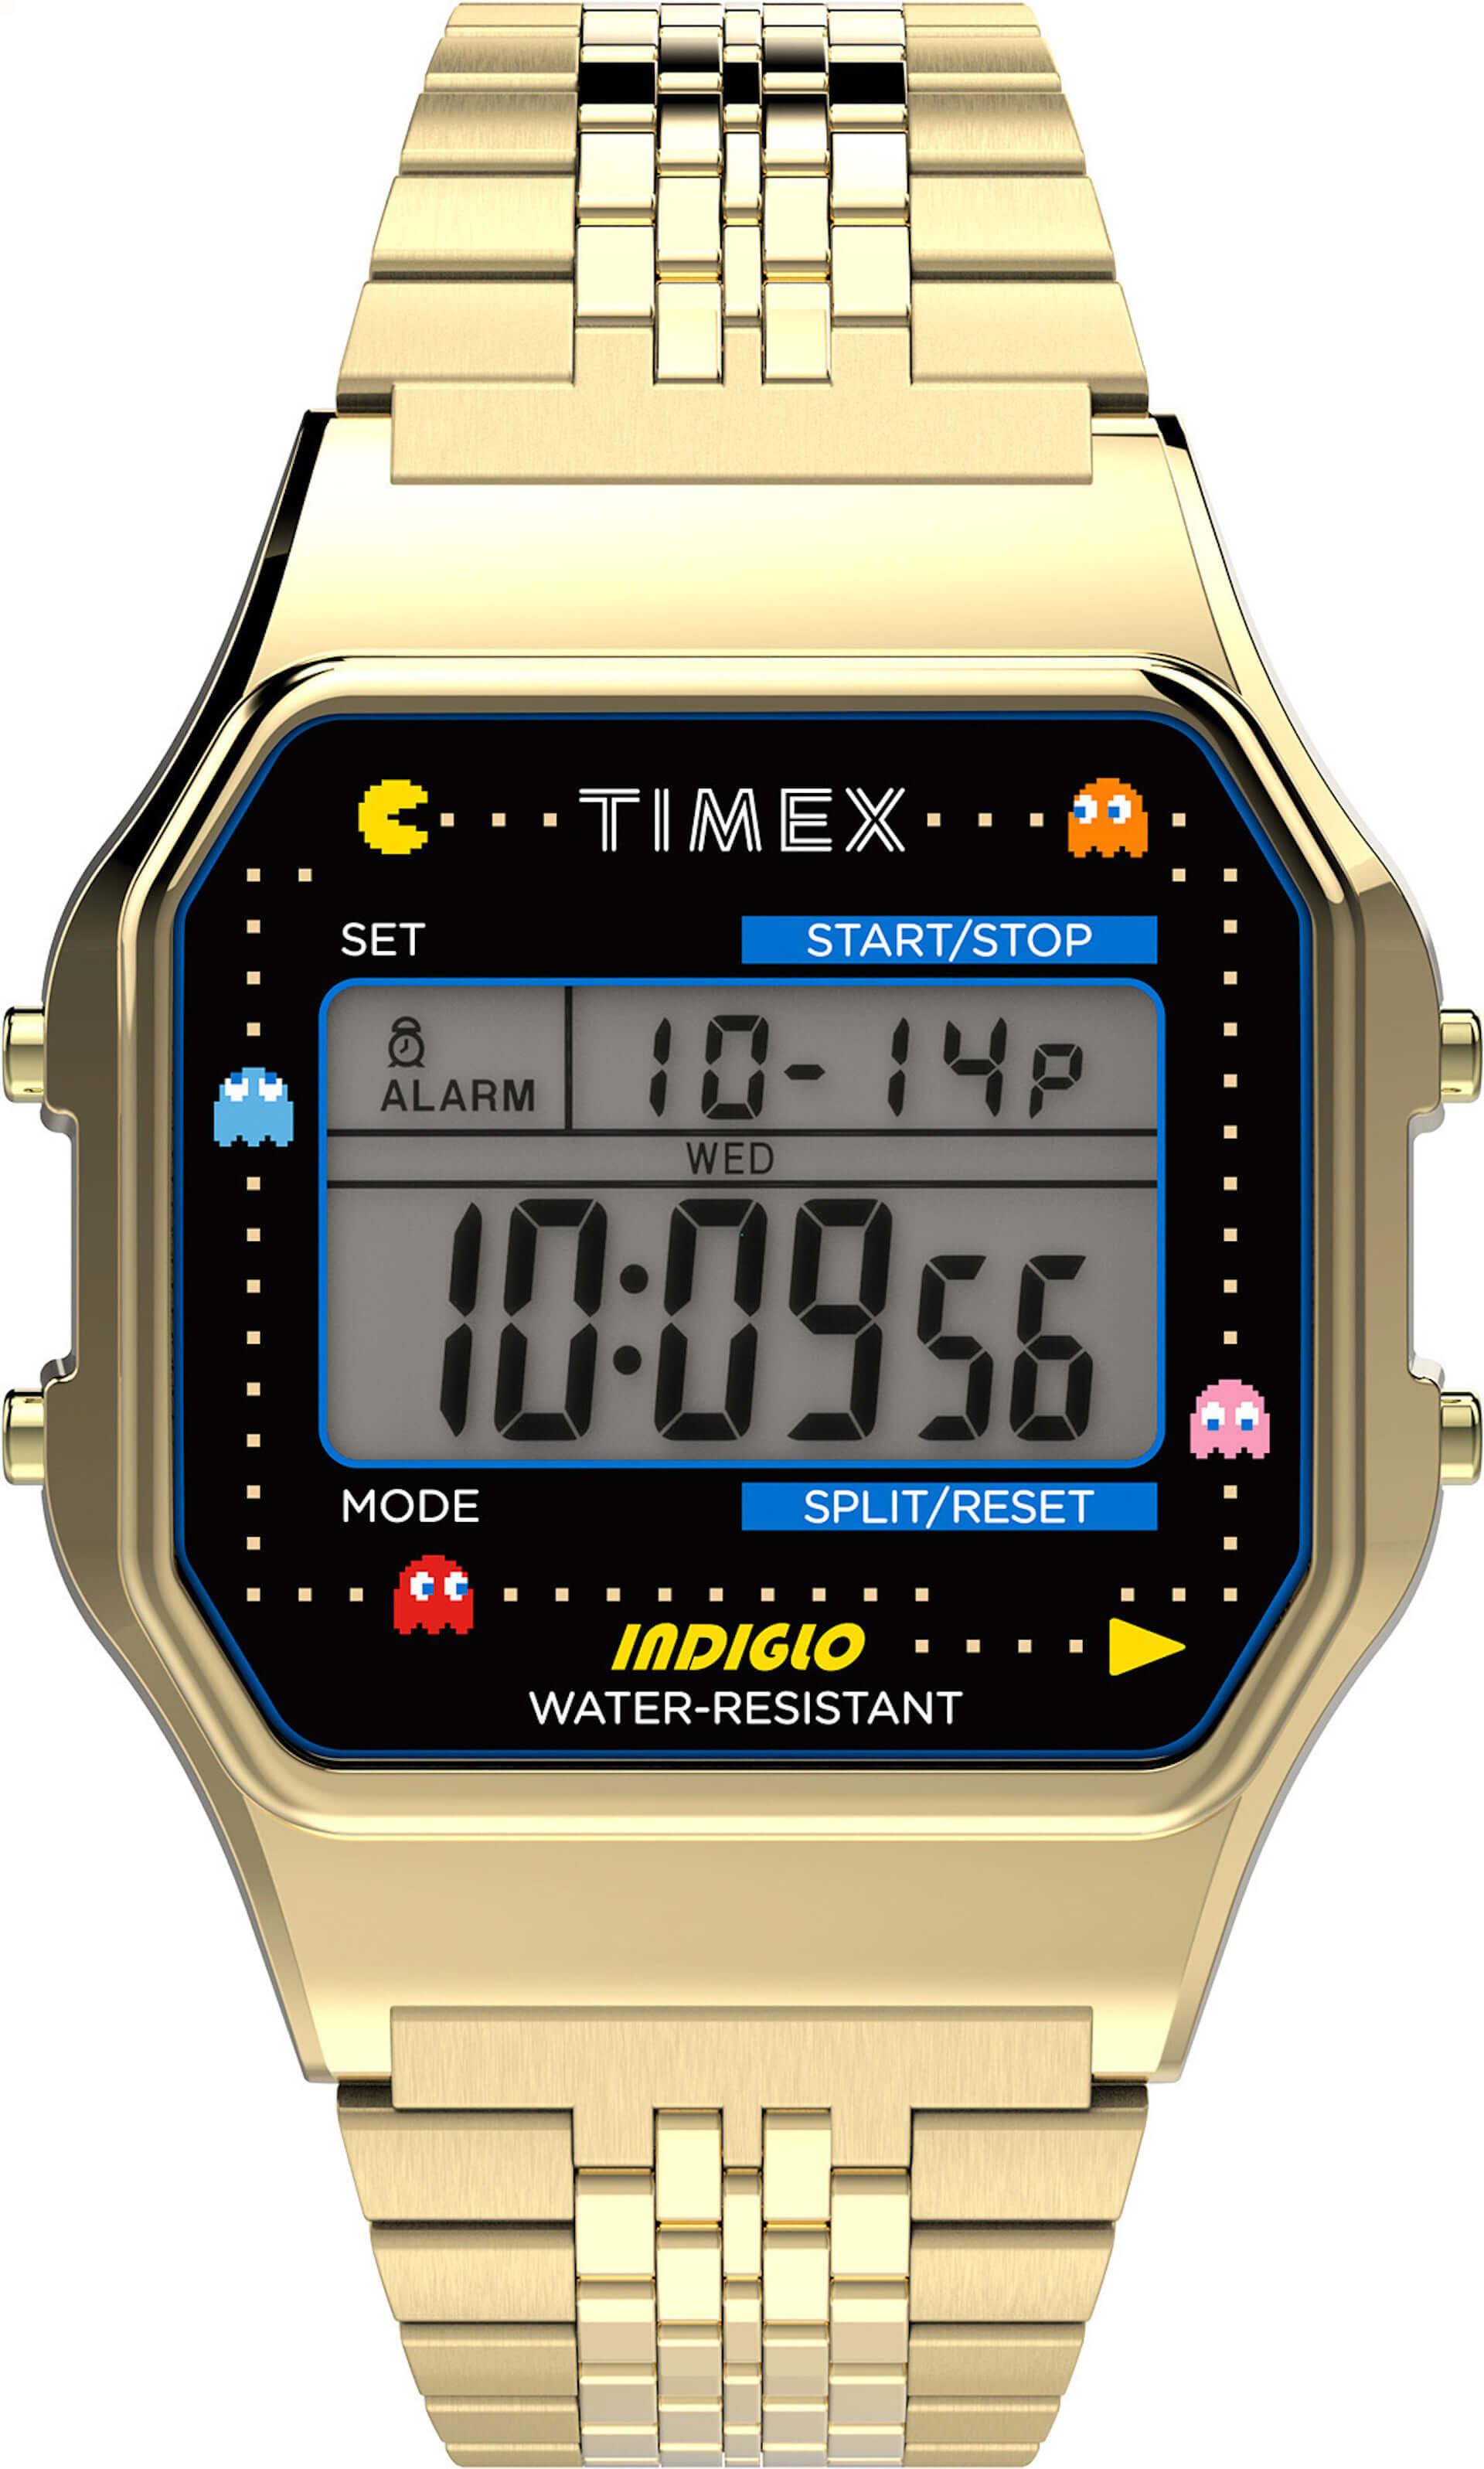 『パックマン』生誕40周年記念!米国の腕時計ブランド「タイメックス」から昨年即完売したコラボモデルが発売決定 tech200729_timex-pacman_1-1920x3194